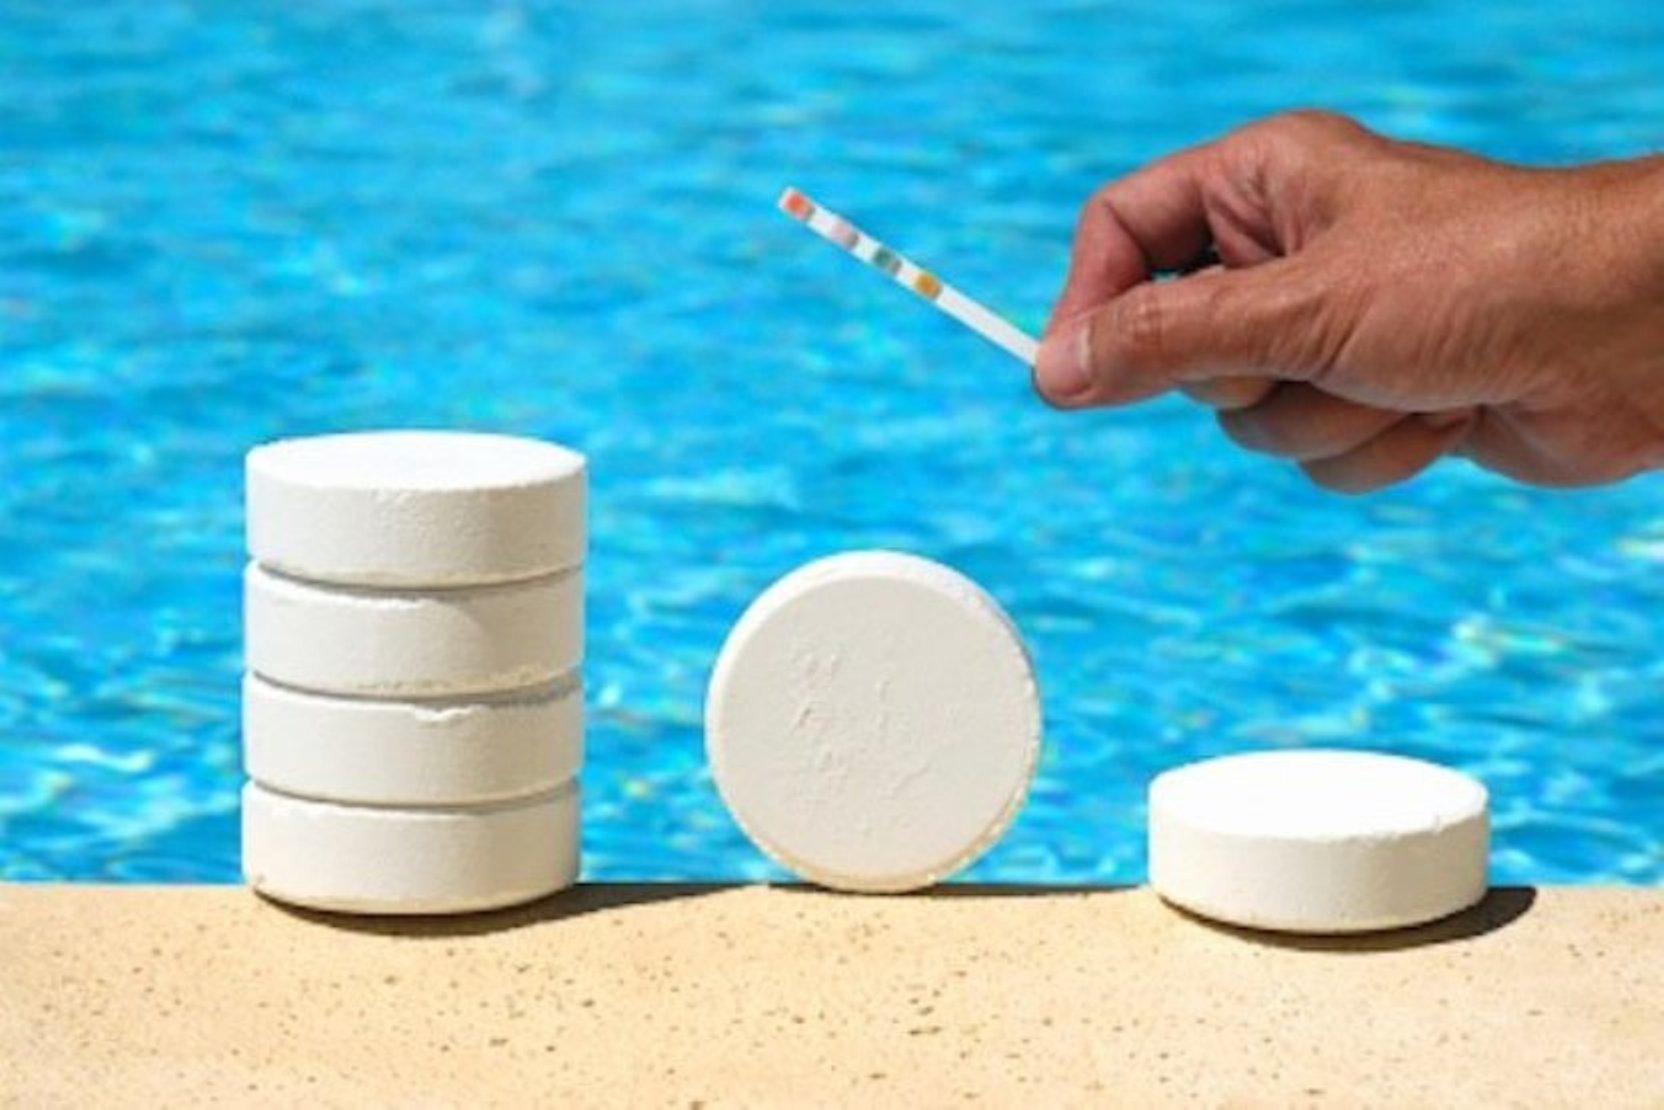 аллергия на хлор в бассейне симптомы